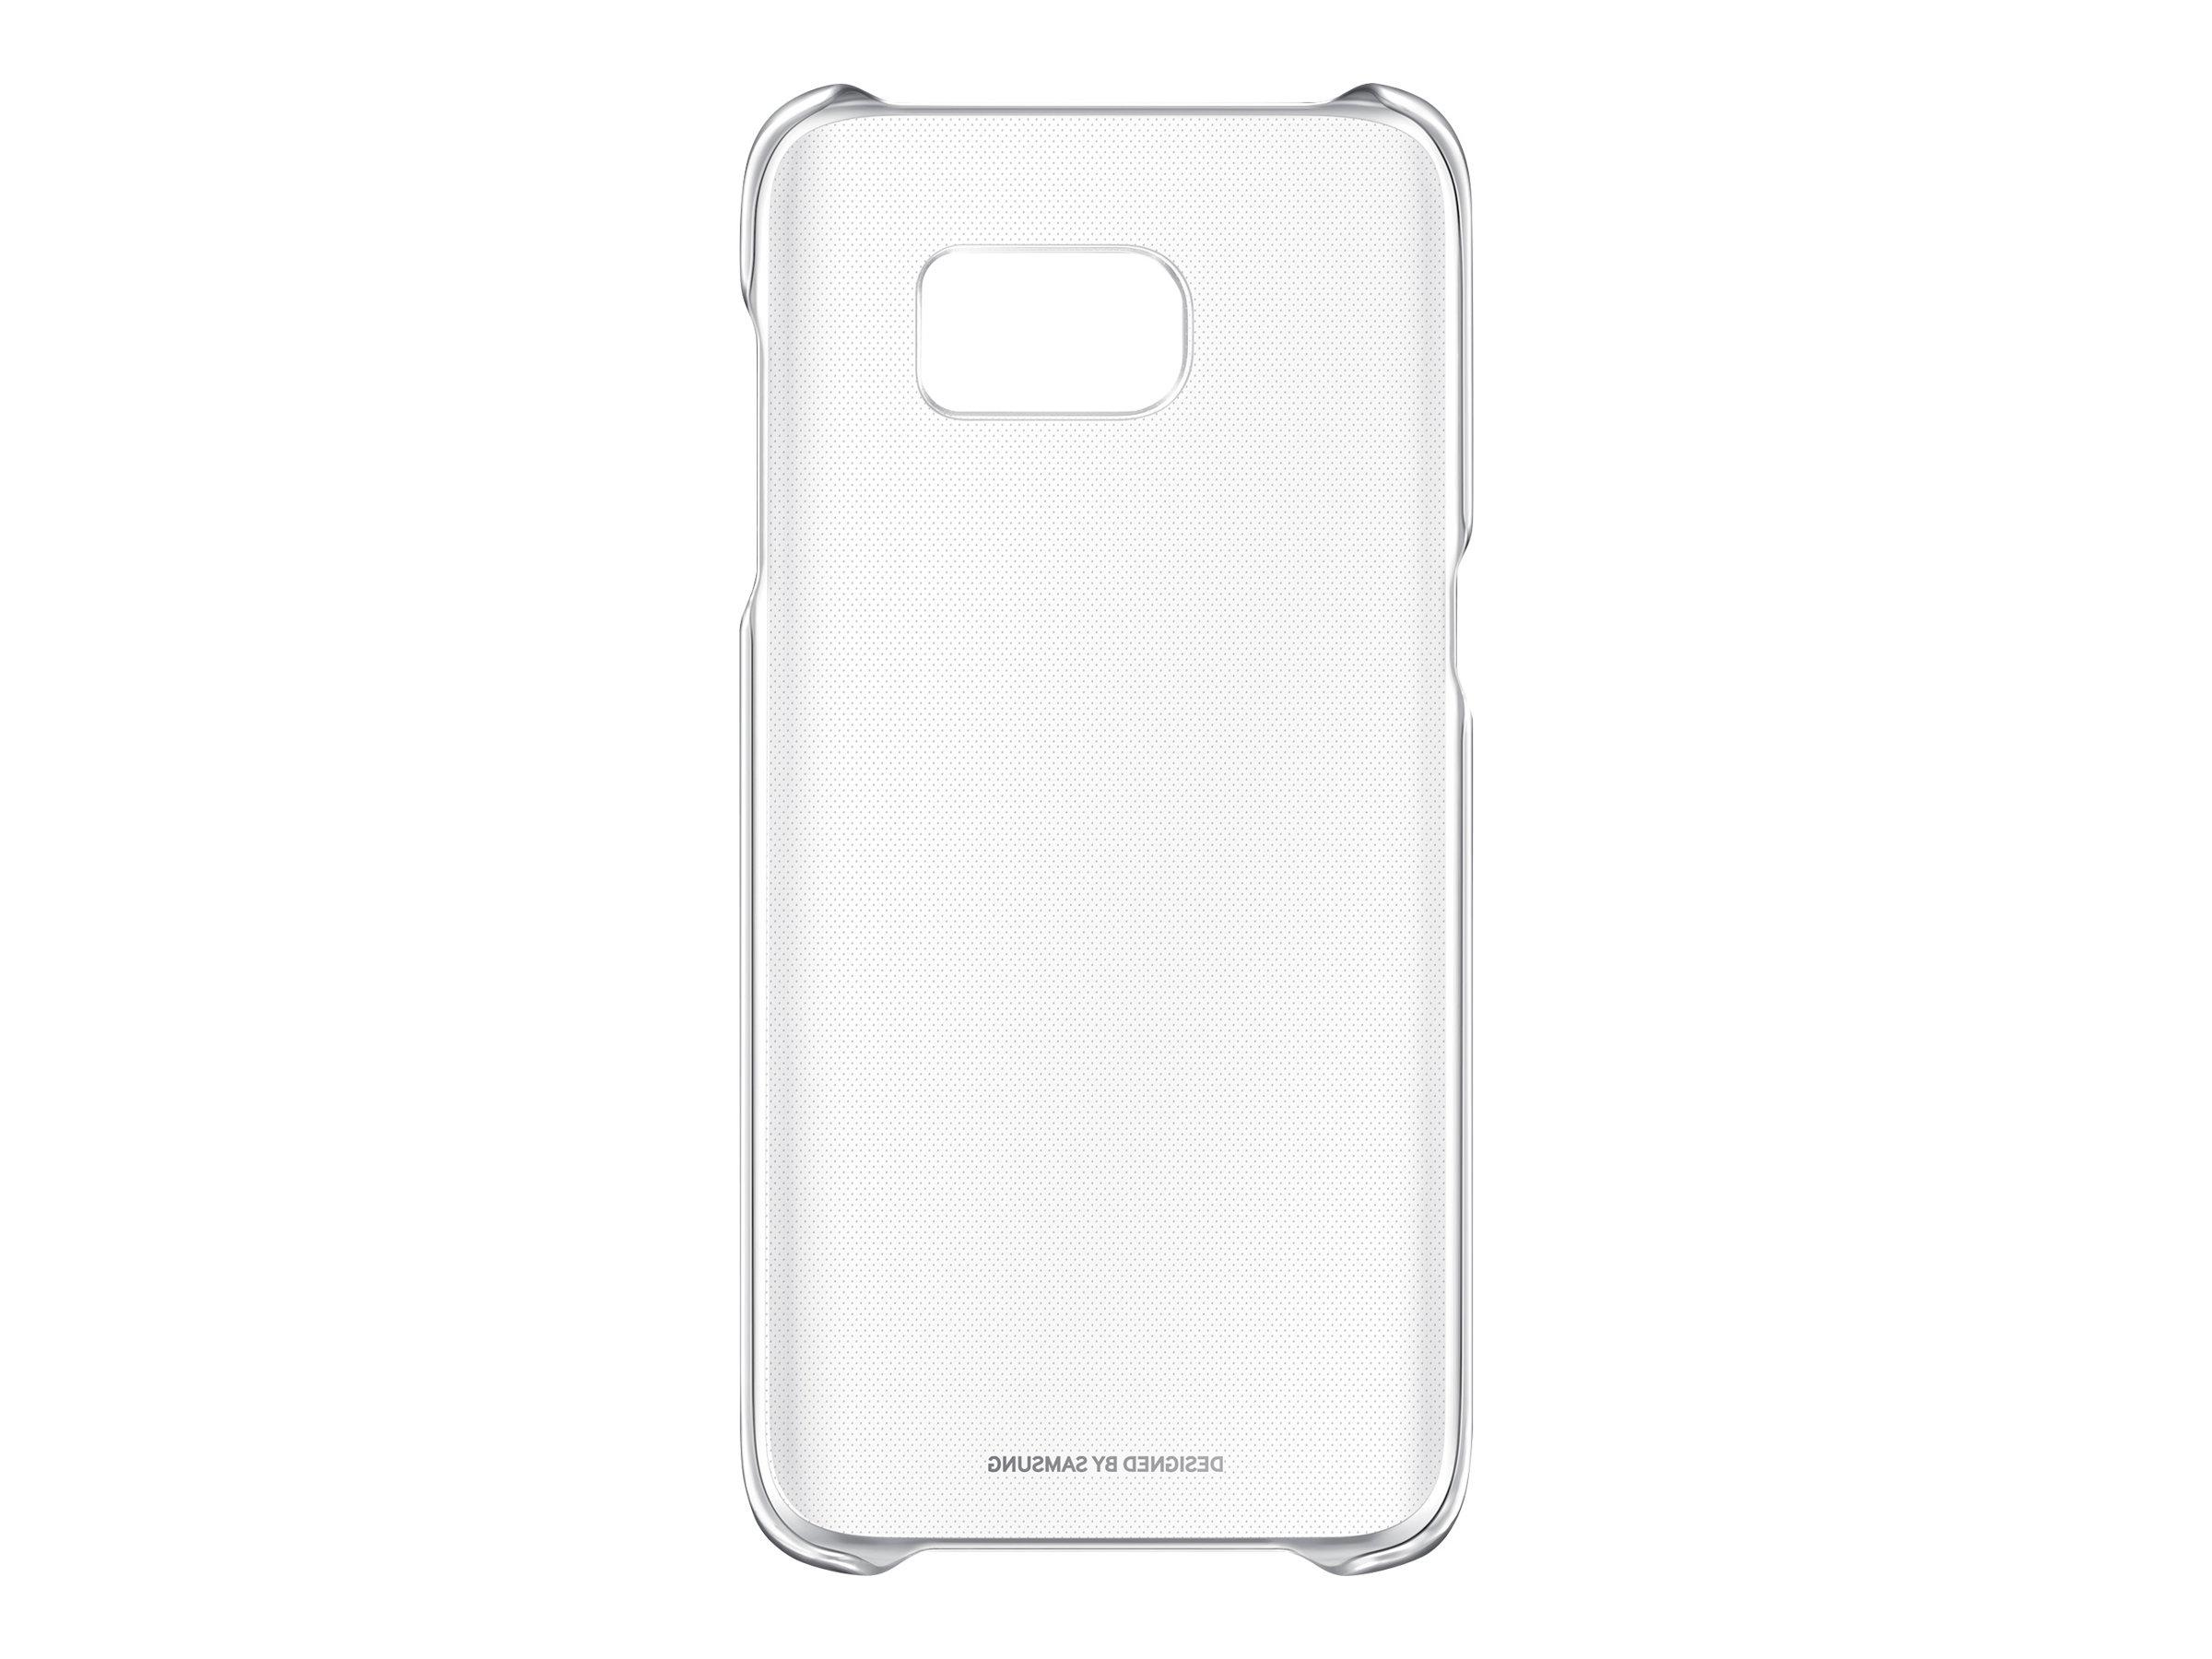 Samsung Clear Cover EF-QG935 - Coque de protection pour Galaxy S7 edge - différents coloris